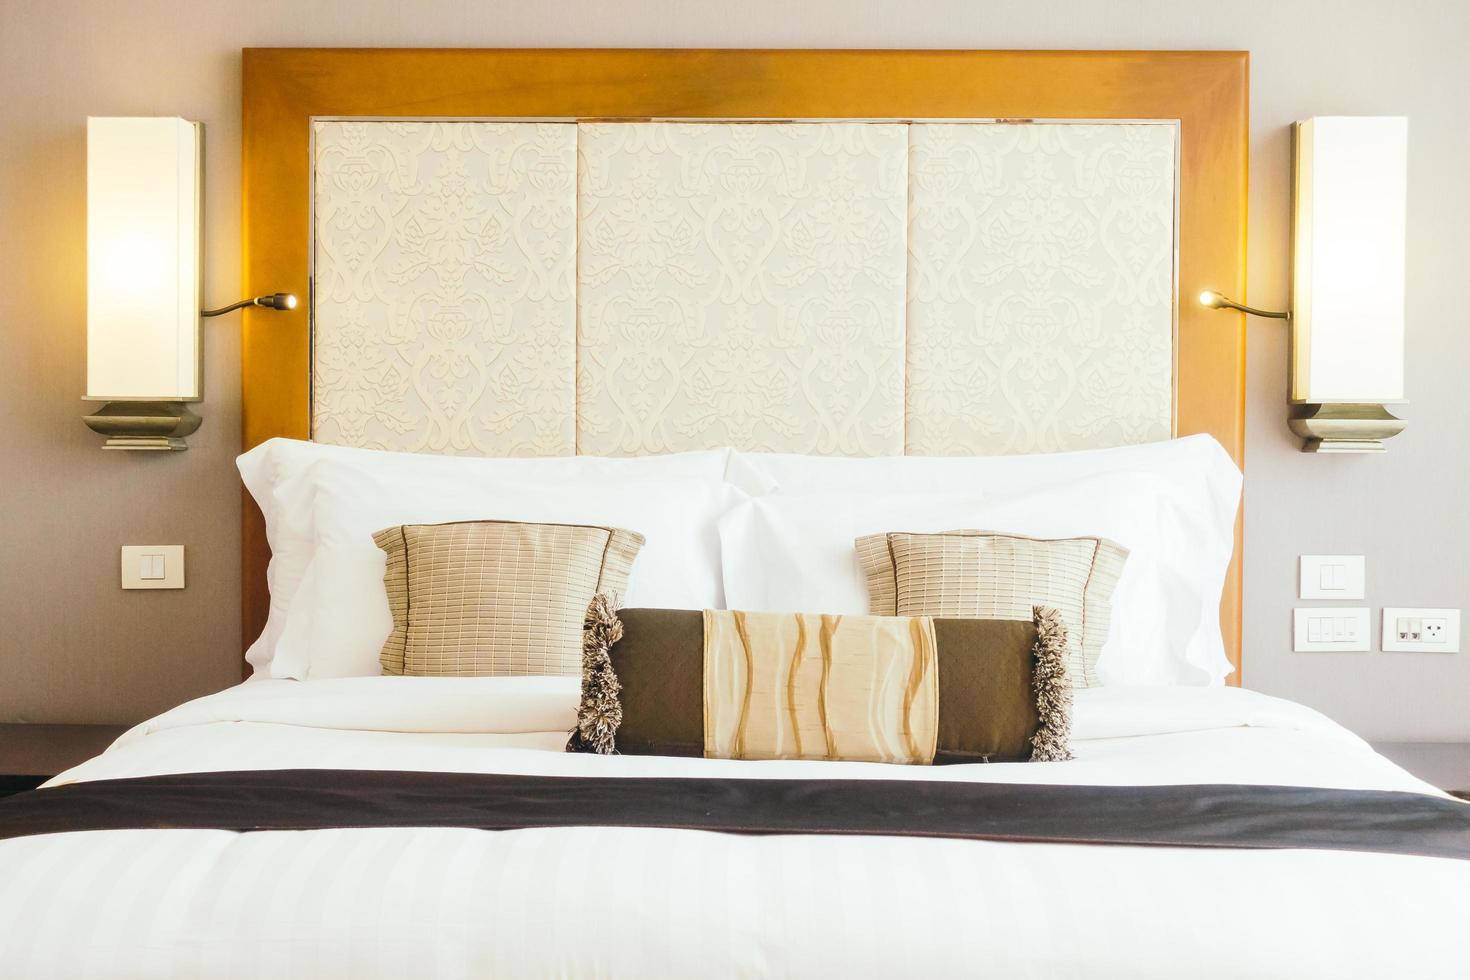 cuscino sul letto foto